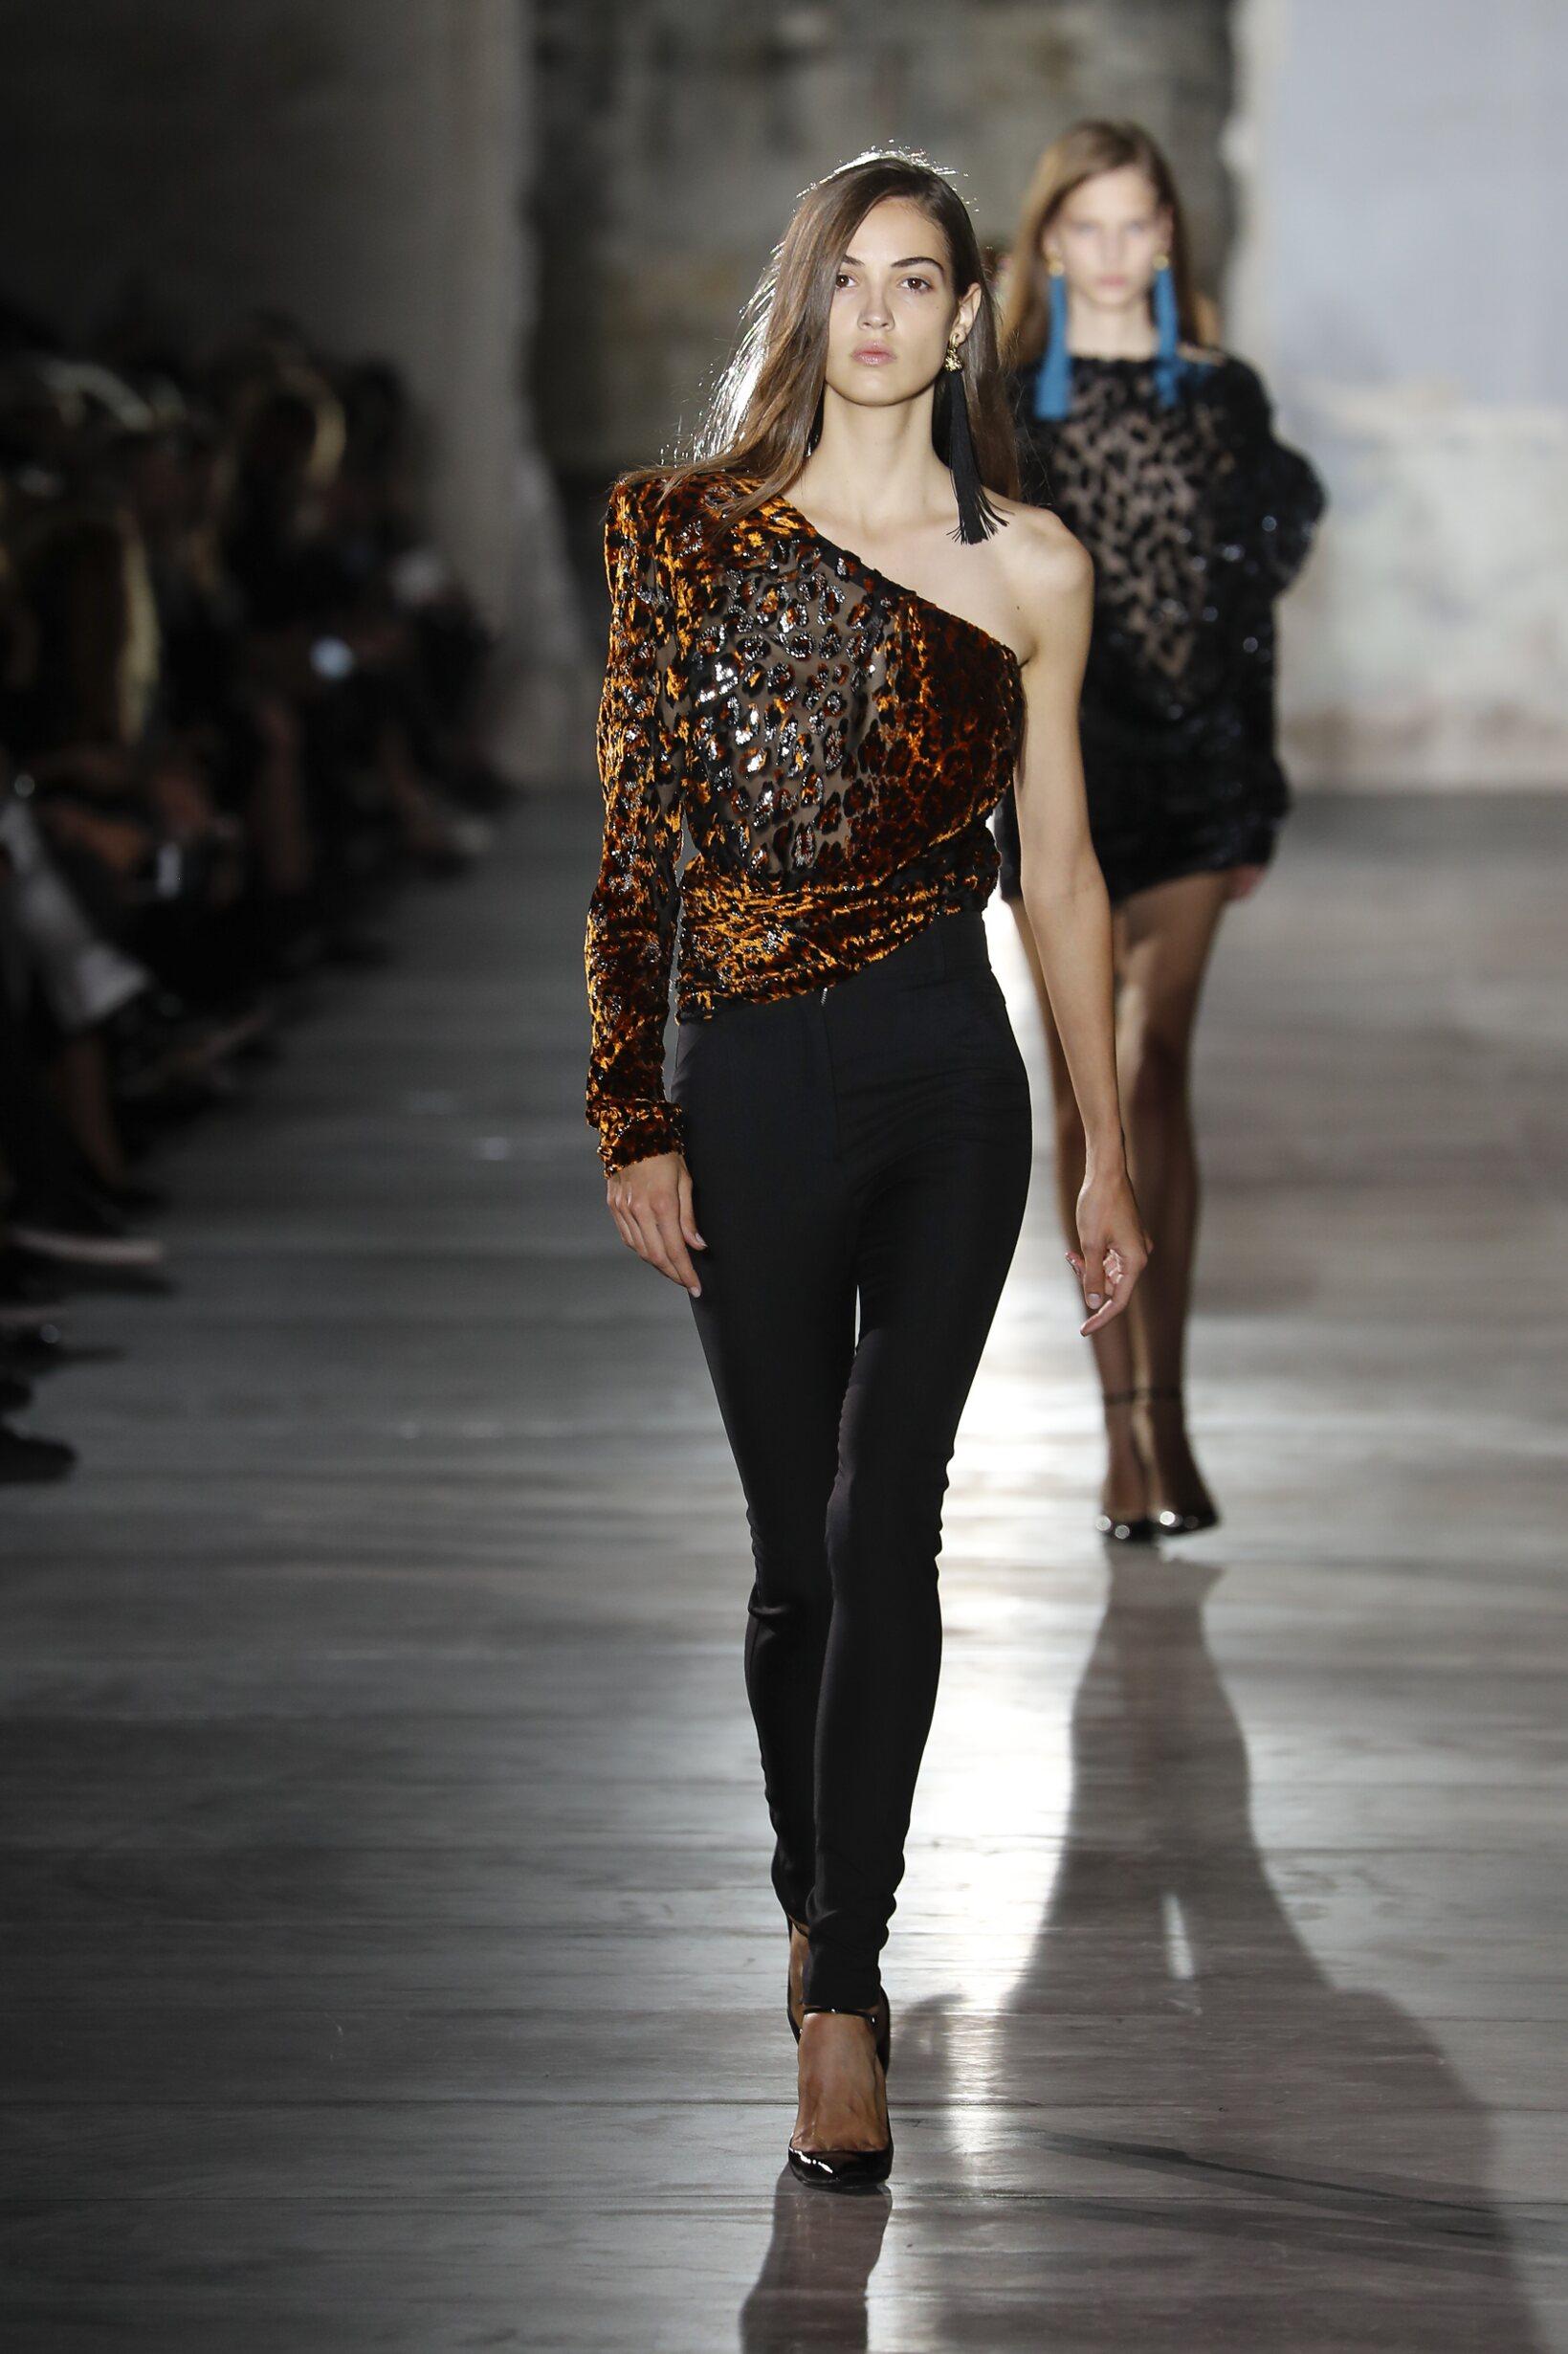 Fashion 2017 Woman Style Saint Laurent